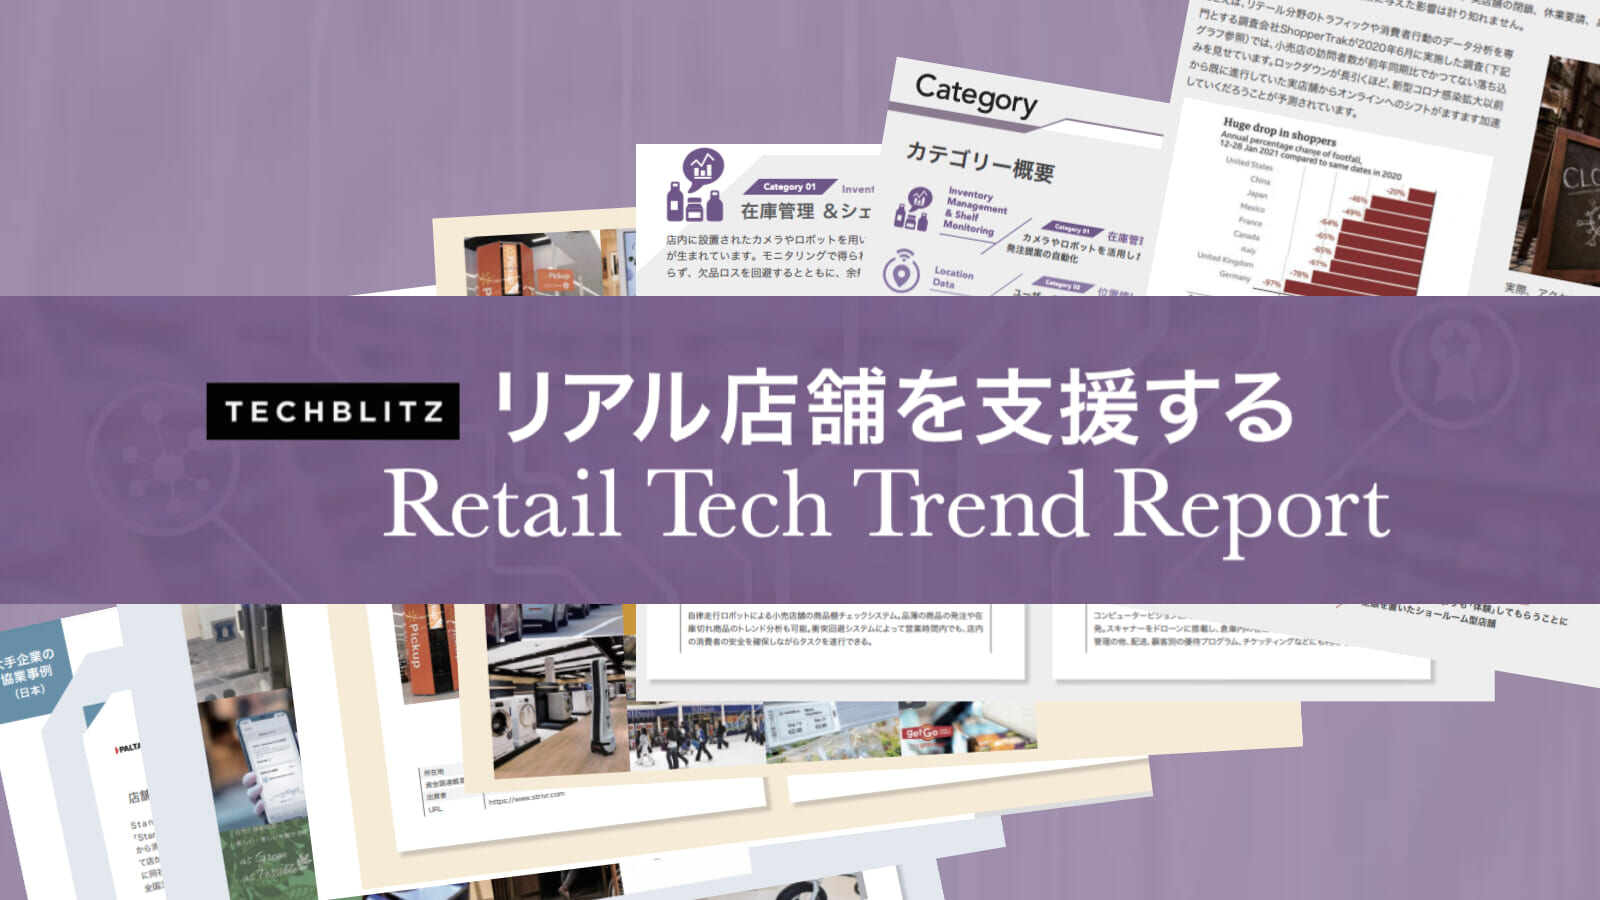 小売業界の技術トレンドが把握できる「Retail Tech Trend Report」を発刊